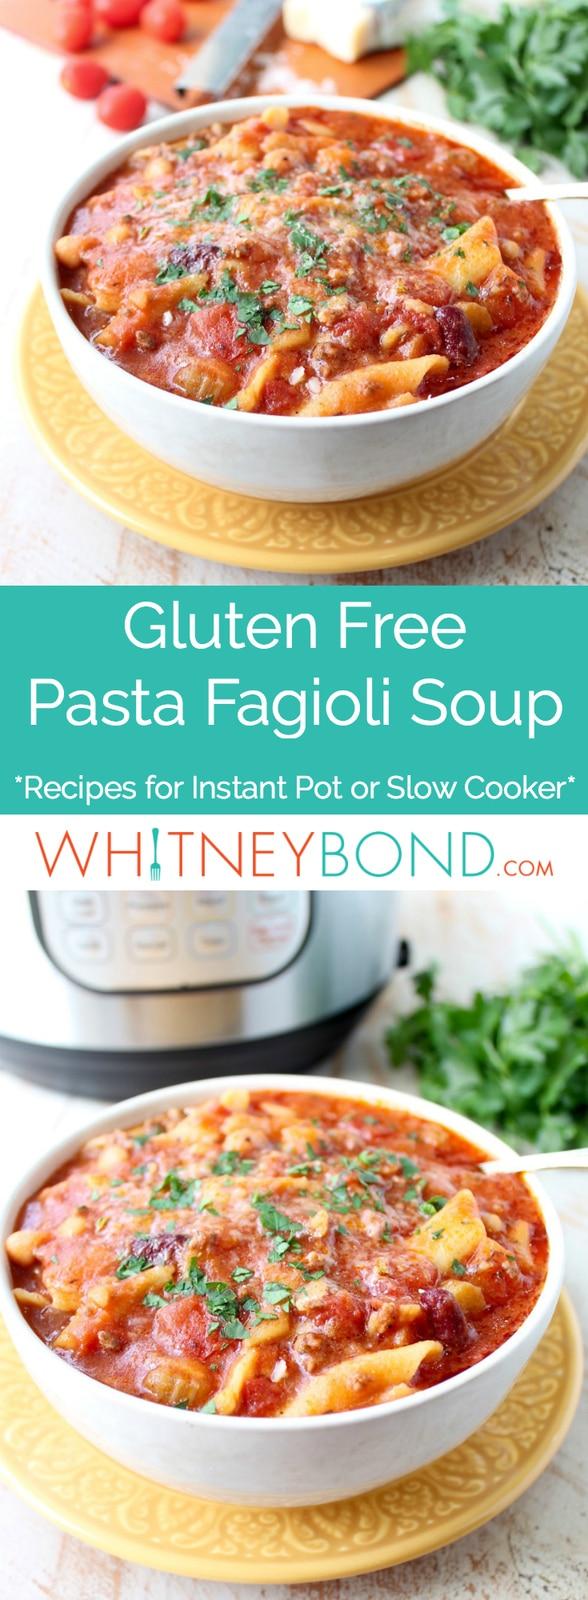 Gluten Free Pasta Fagioli Soup Pinterest